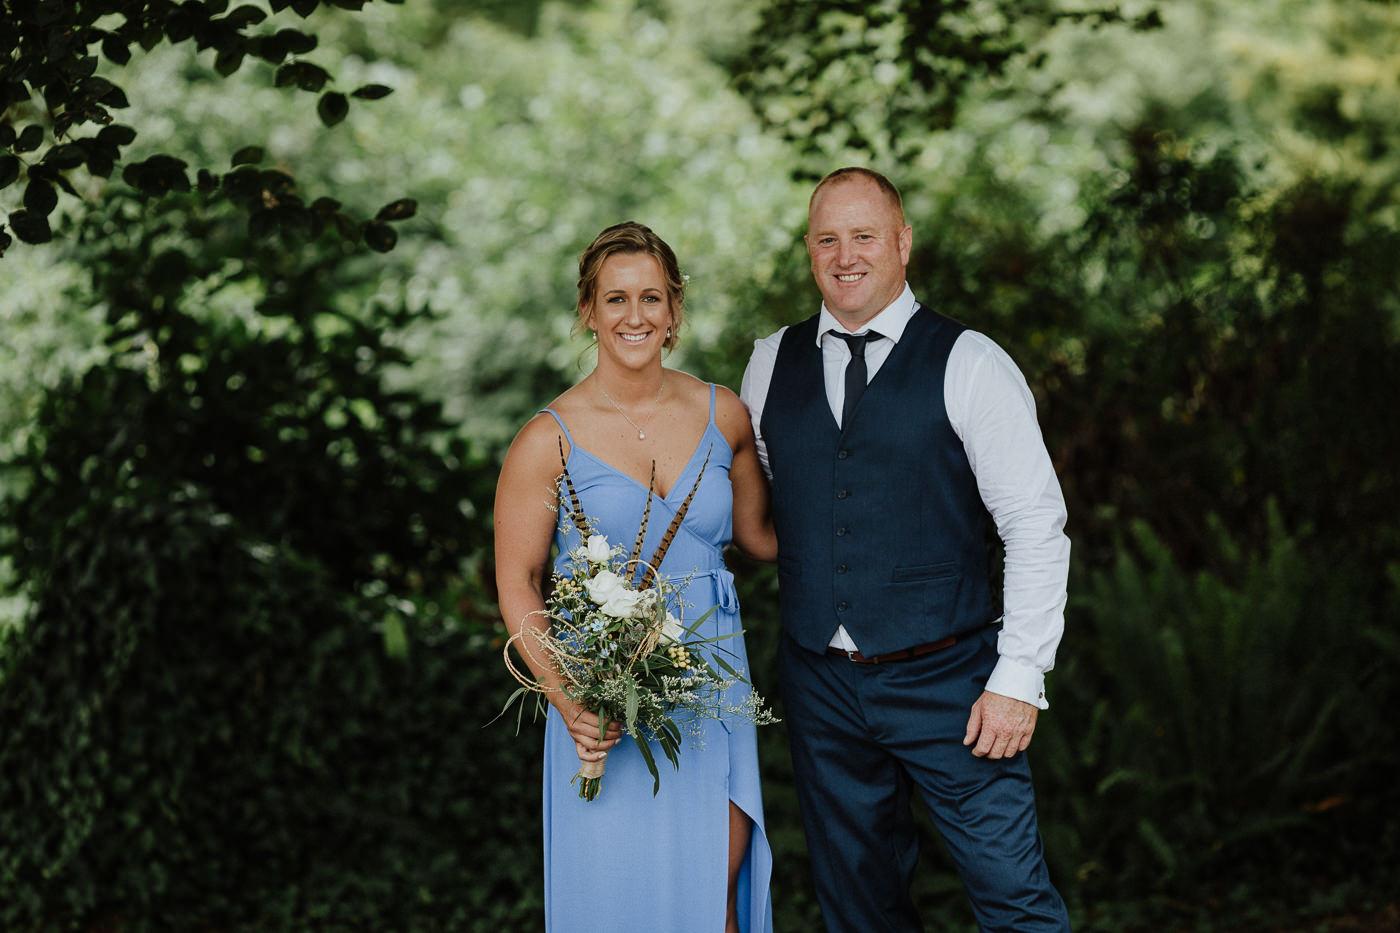 nz_wedding_photographer_gisborne-1051.jpg